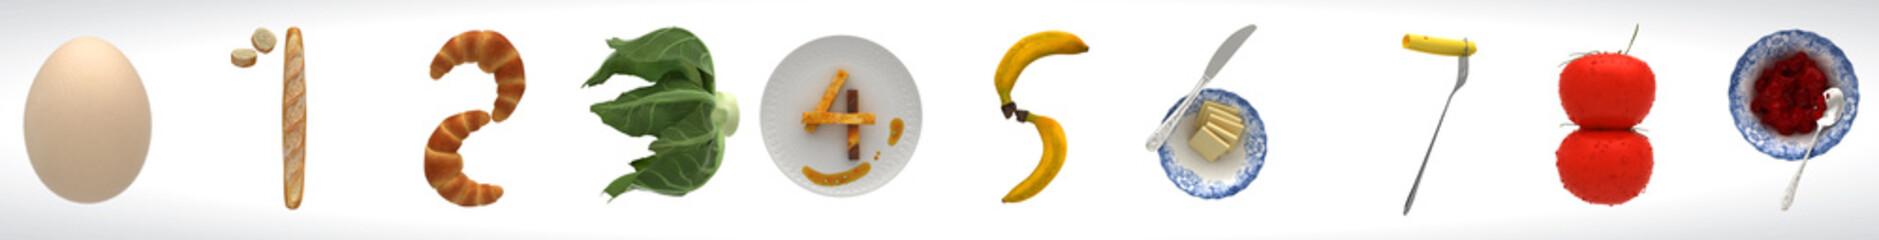 Sequenza numerata astratta, artistico, 0-9,alimentari, cibo